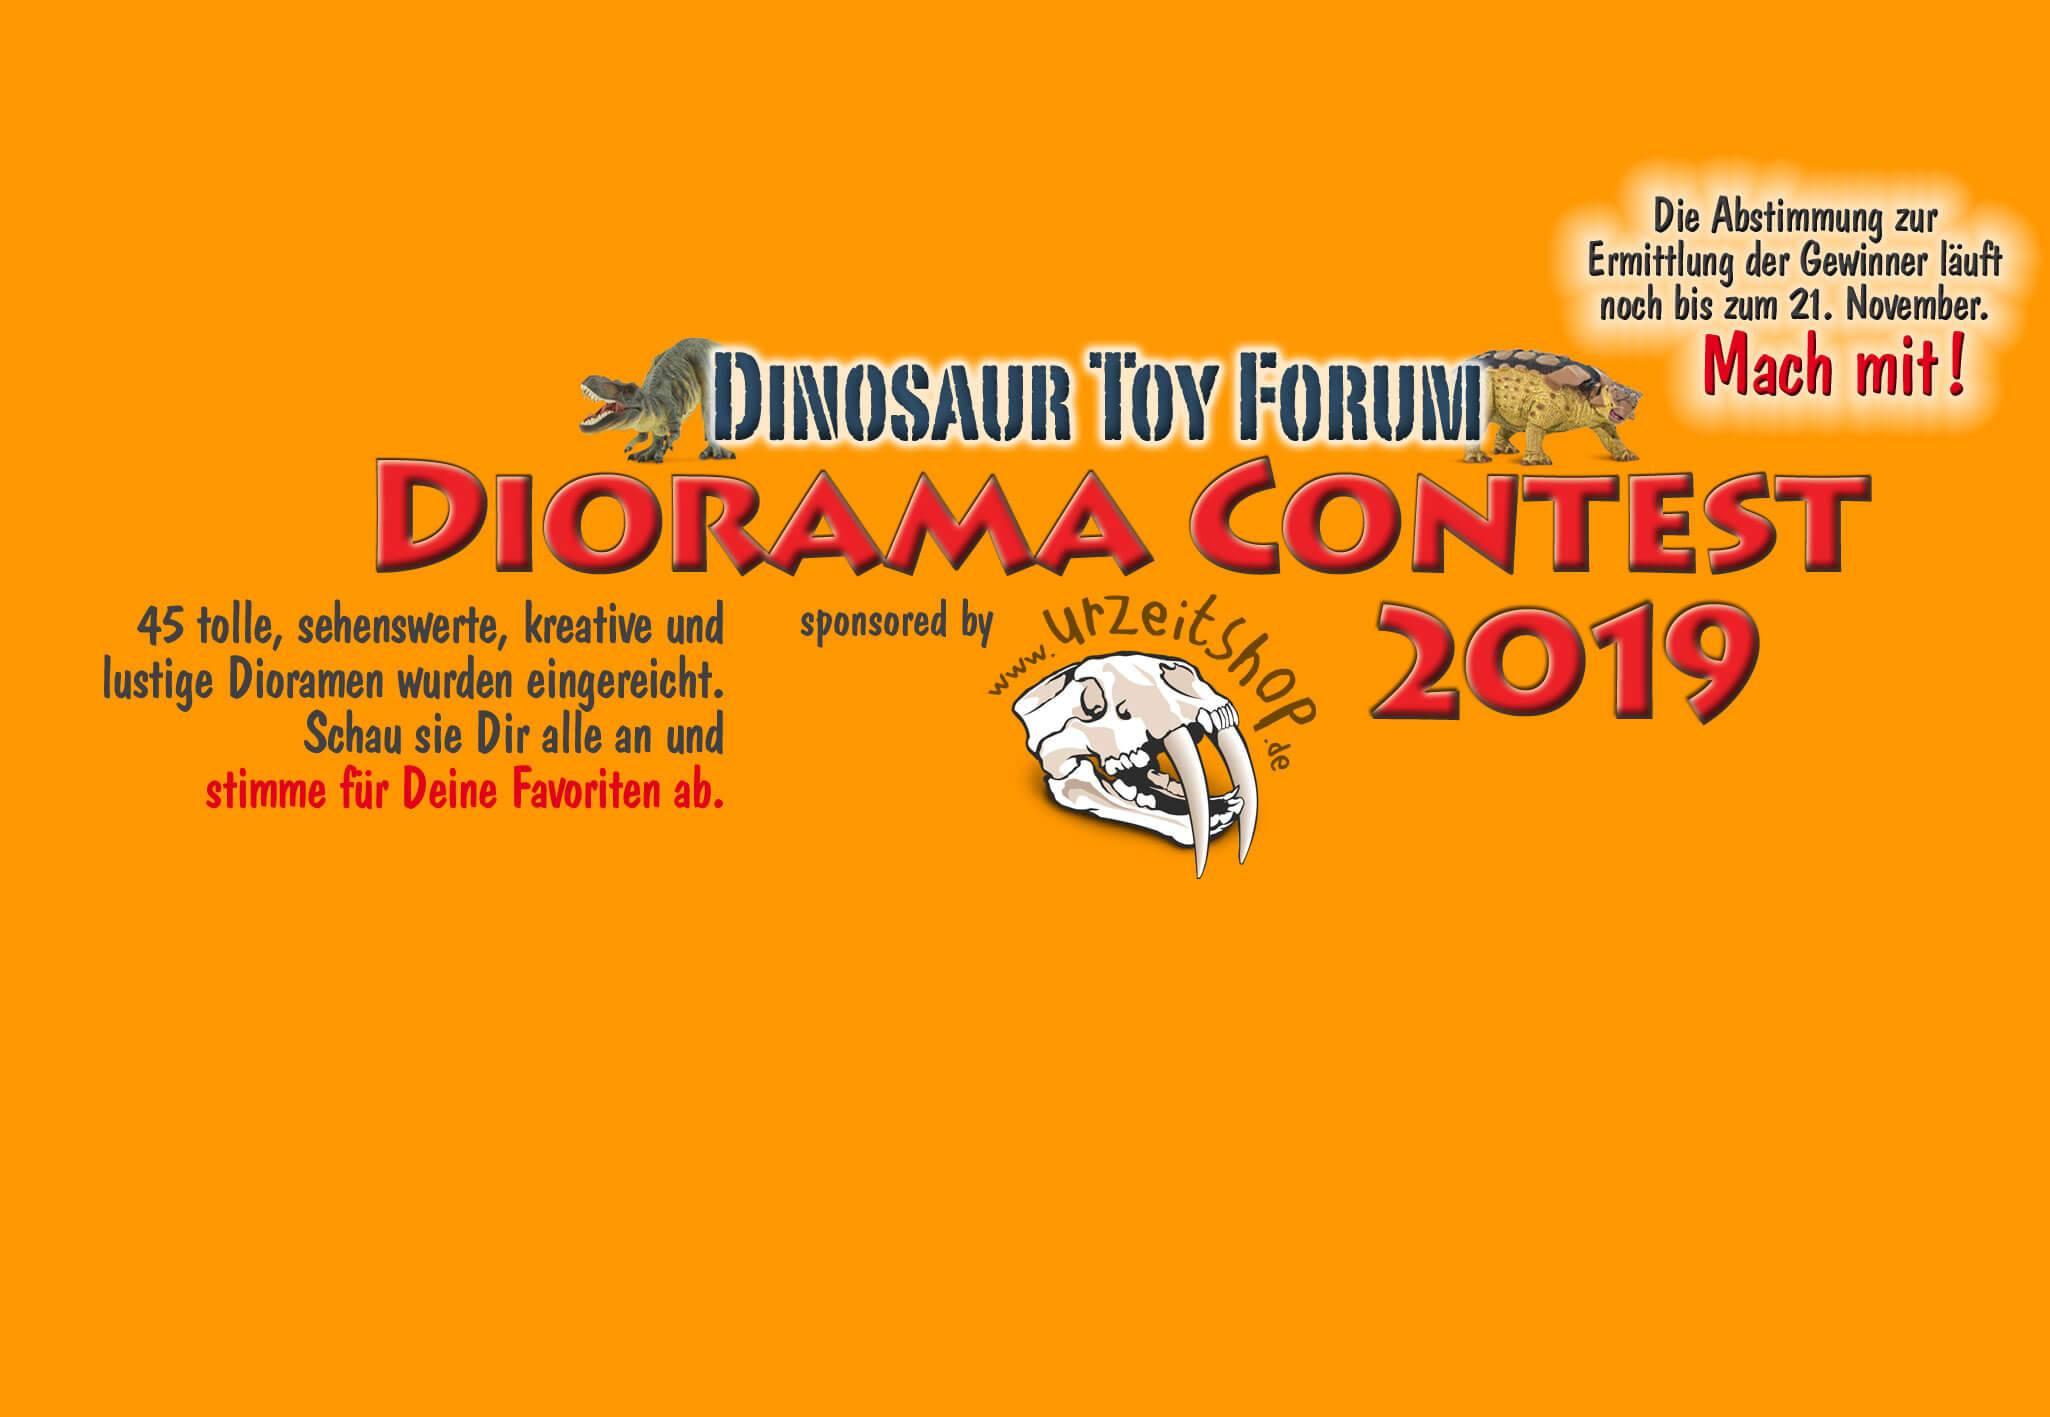 Diorama-Wettbewerb Abstimmung